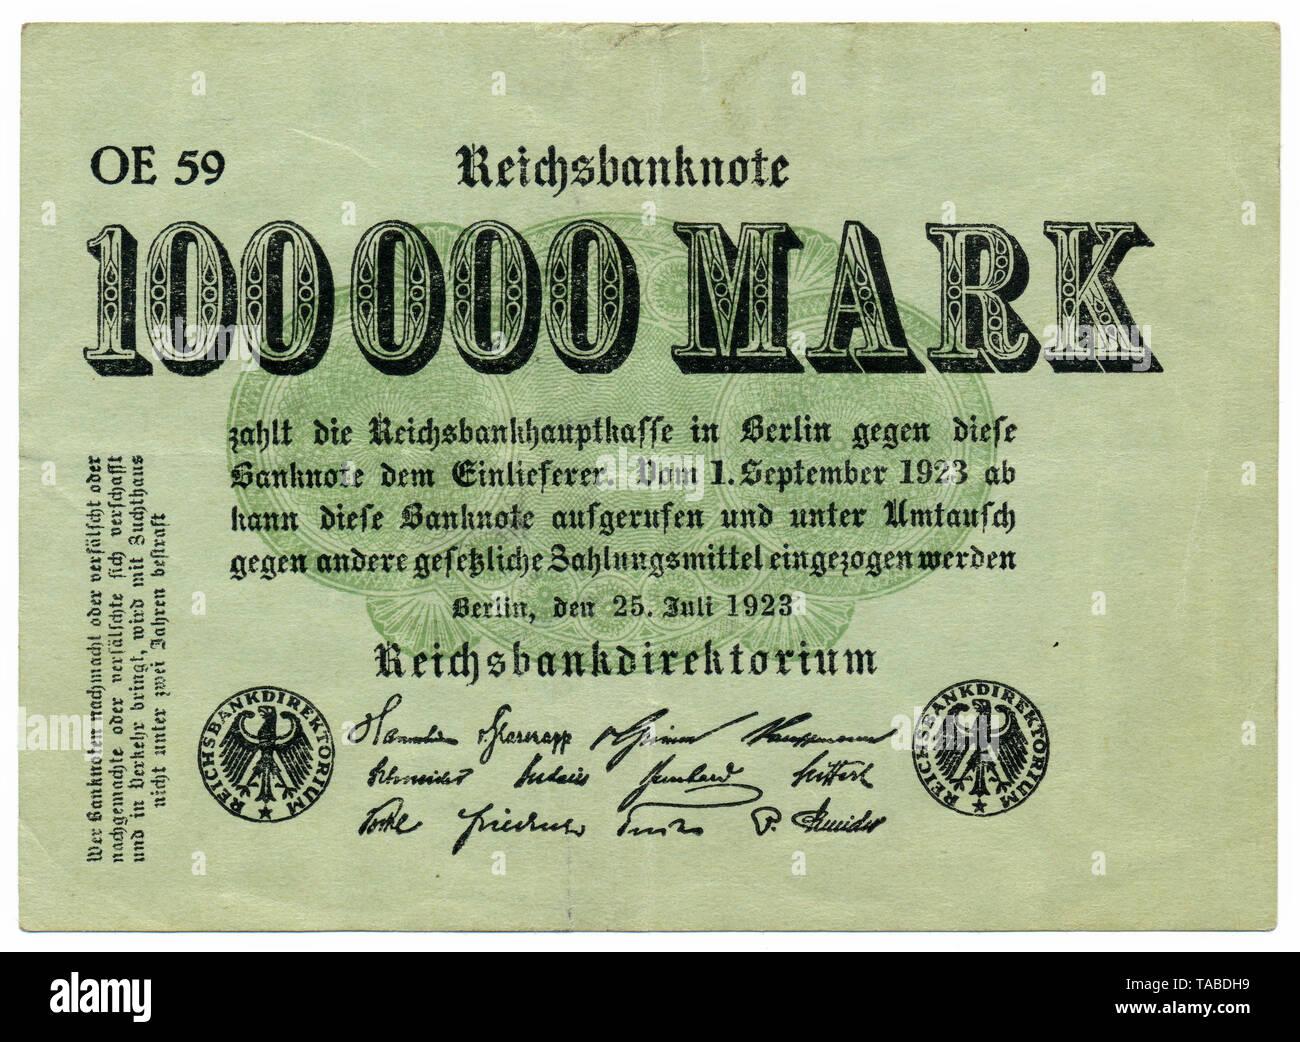 Historischer Geldschein, Reichsbanknote, 100000 Mark, 1923, Inflationsgeld, Deutschland, Europa Stockbild